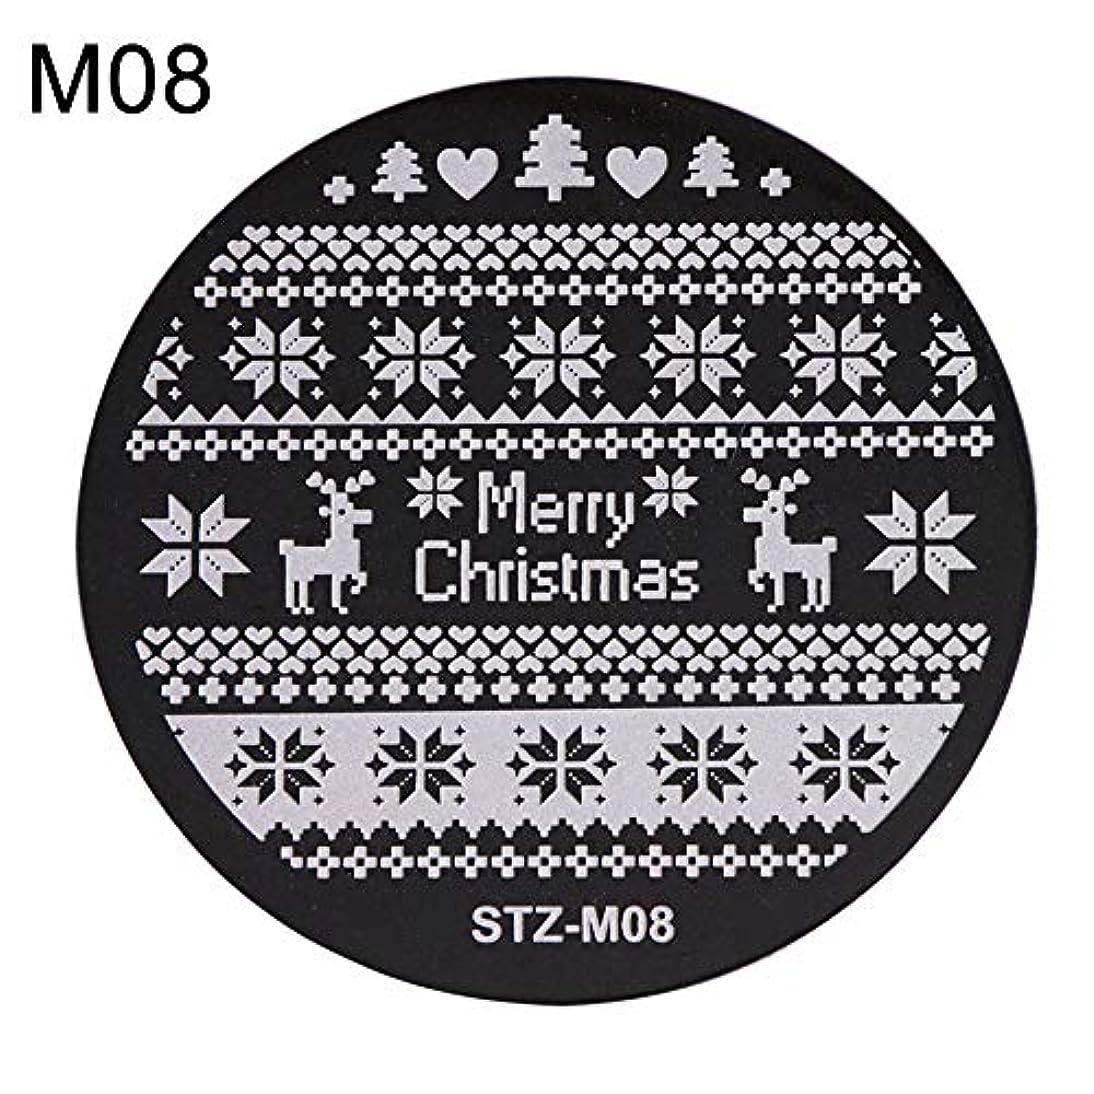 振るう日曜日についてhamulekfae-クリスマススノーフレーク鹿の靴ネイルスタンピングプレートスタンプイメージテンプレートの装飾8